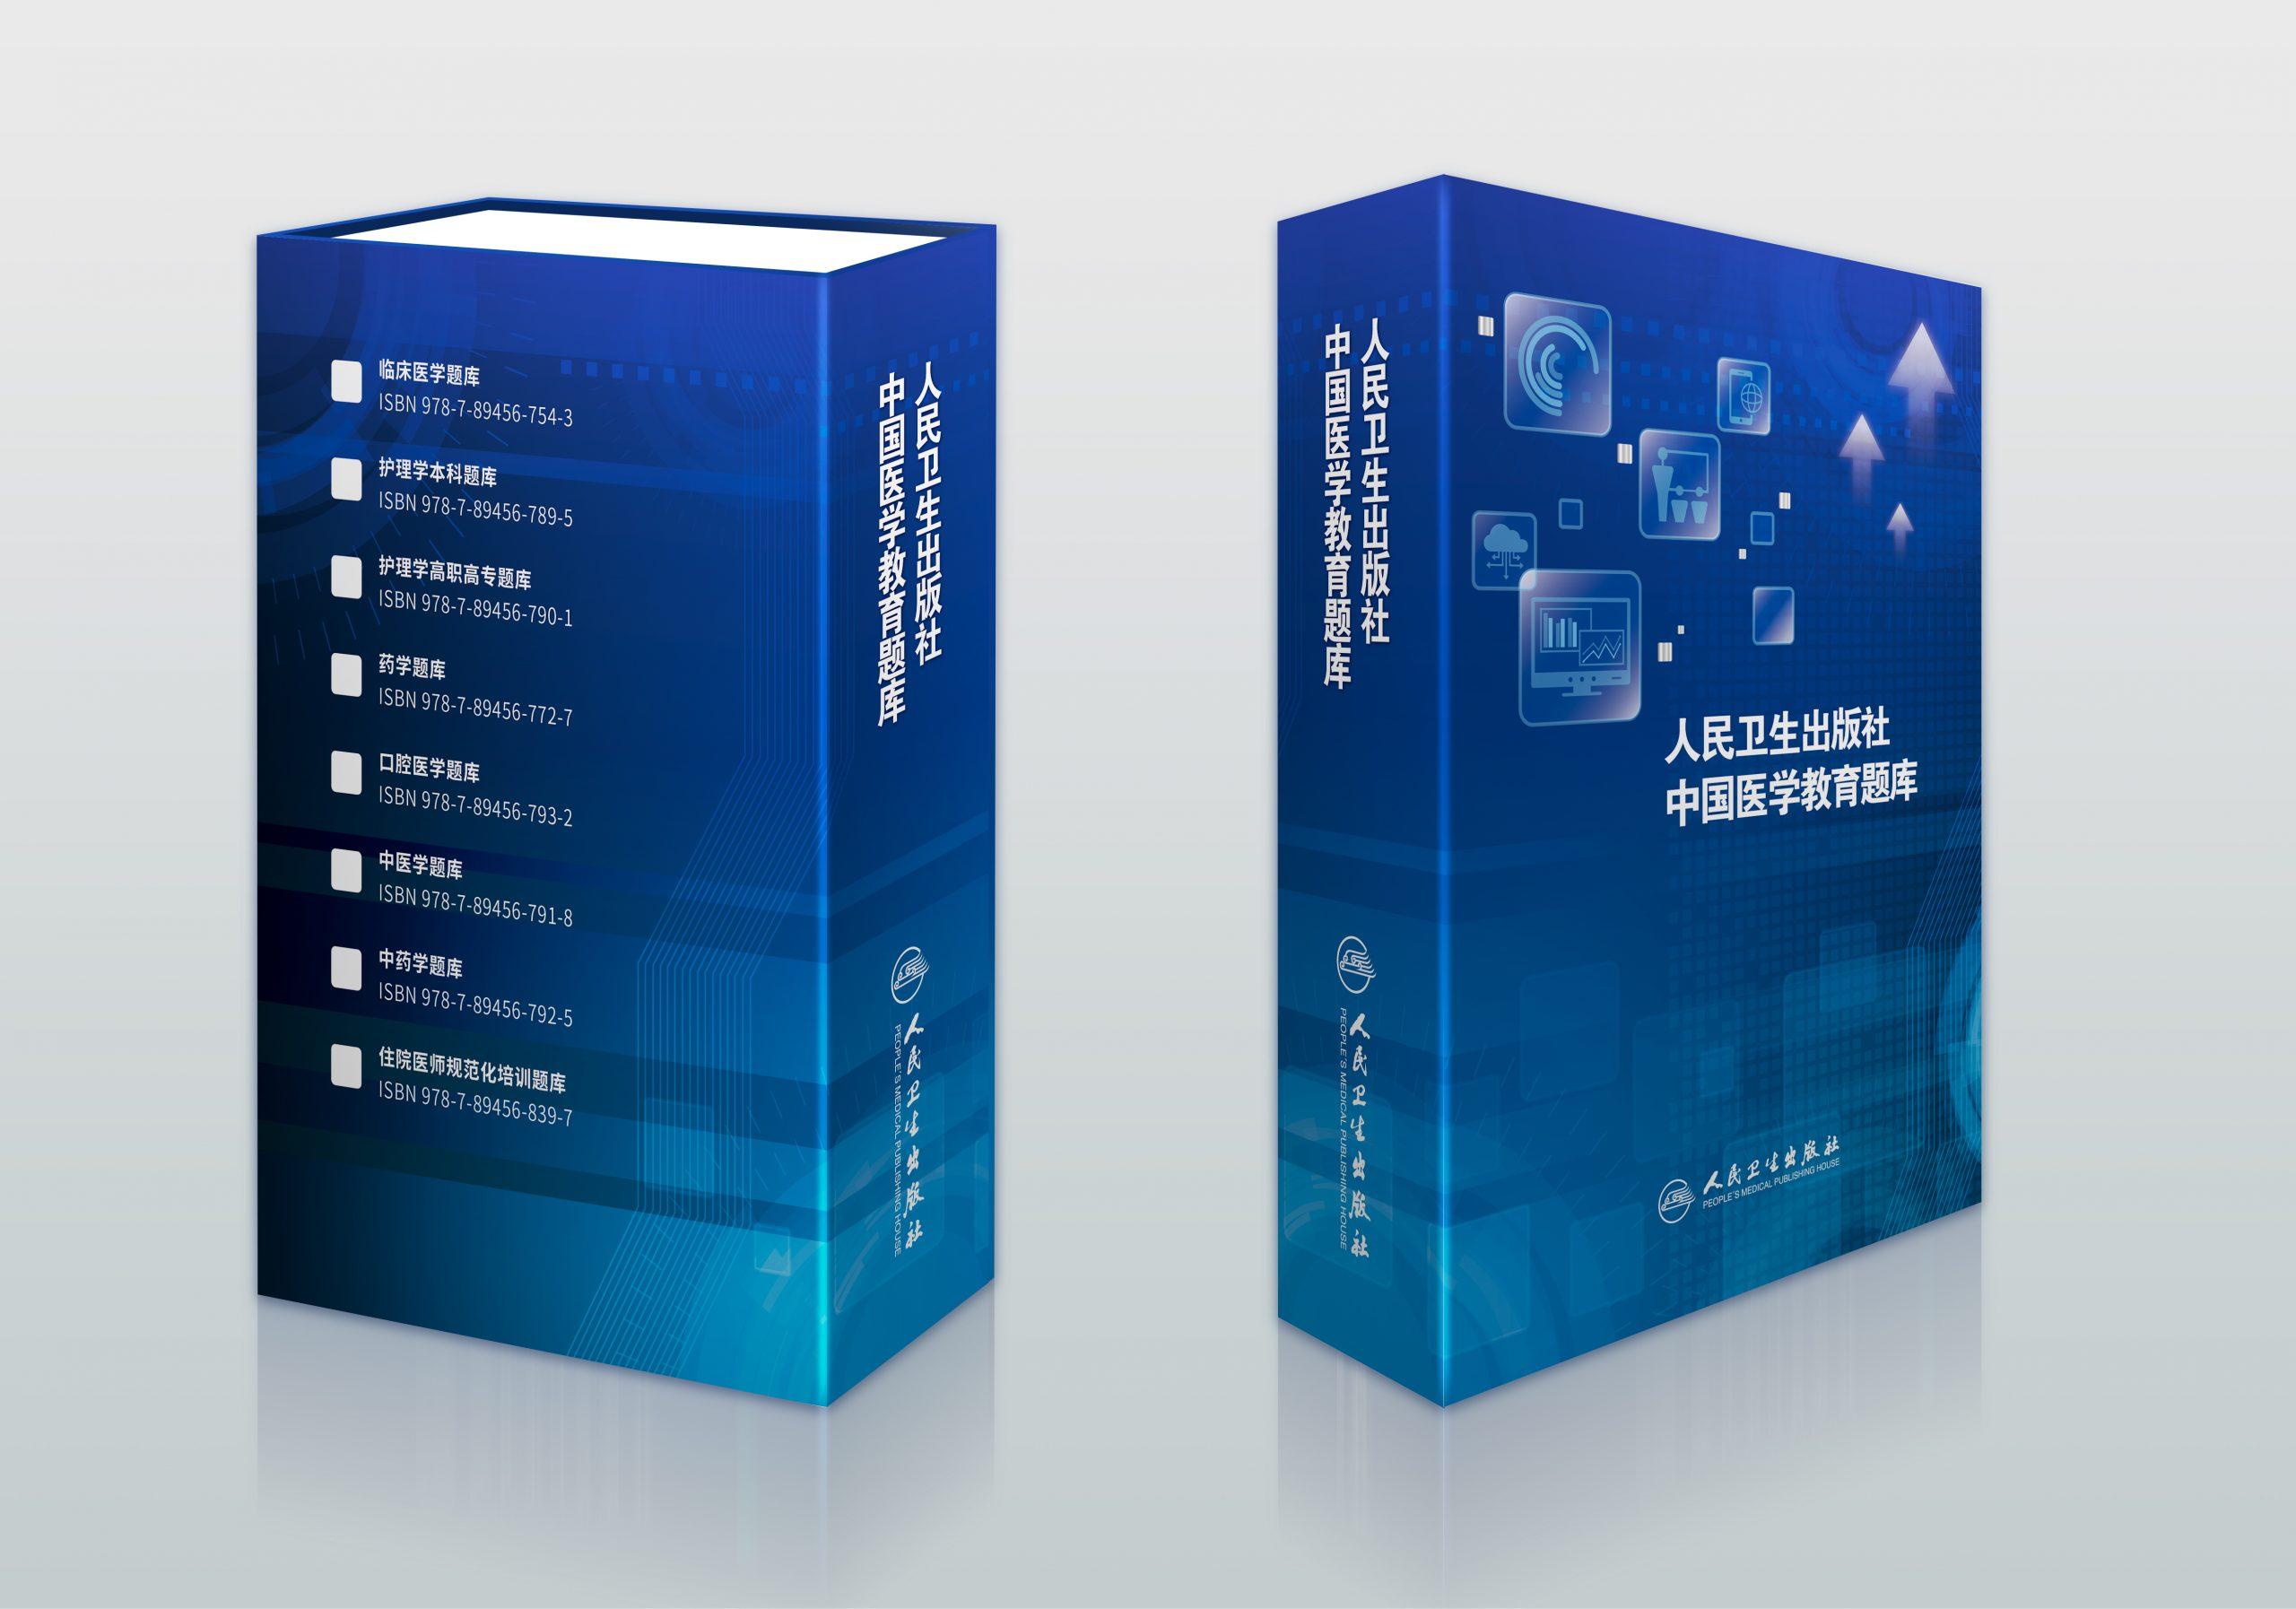 中国医学教育题库:高质量服务院校医学教育-出版人杂志官网